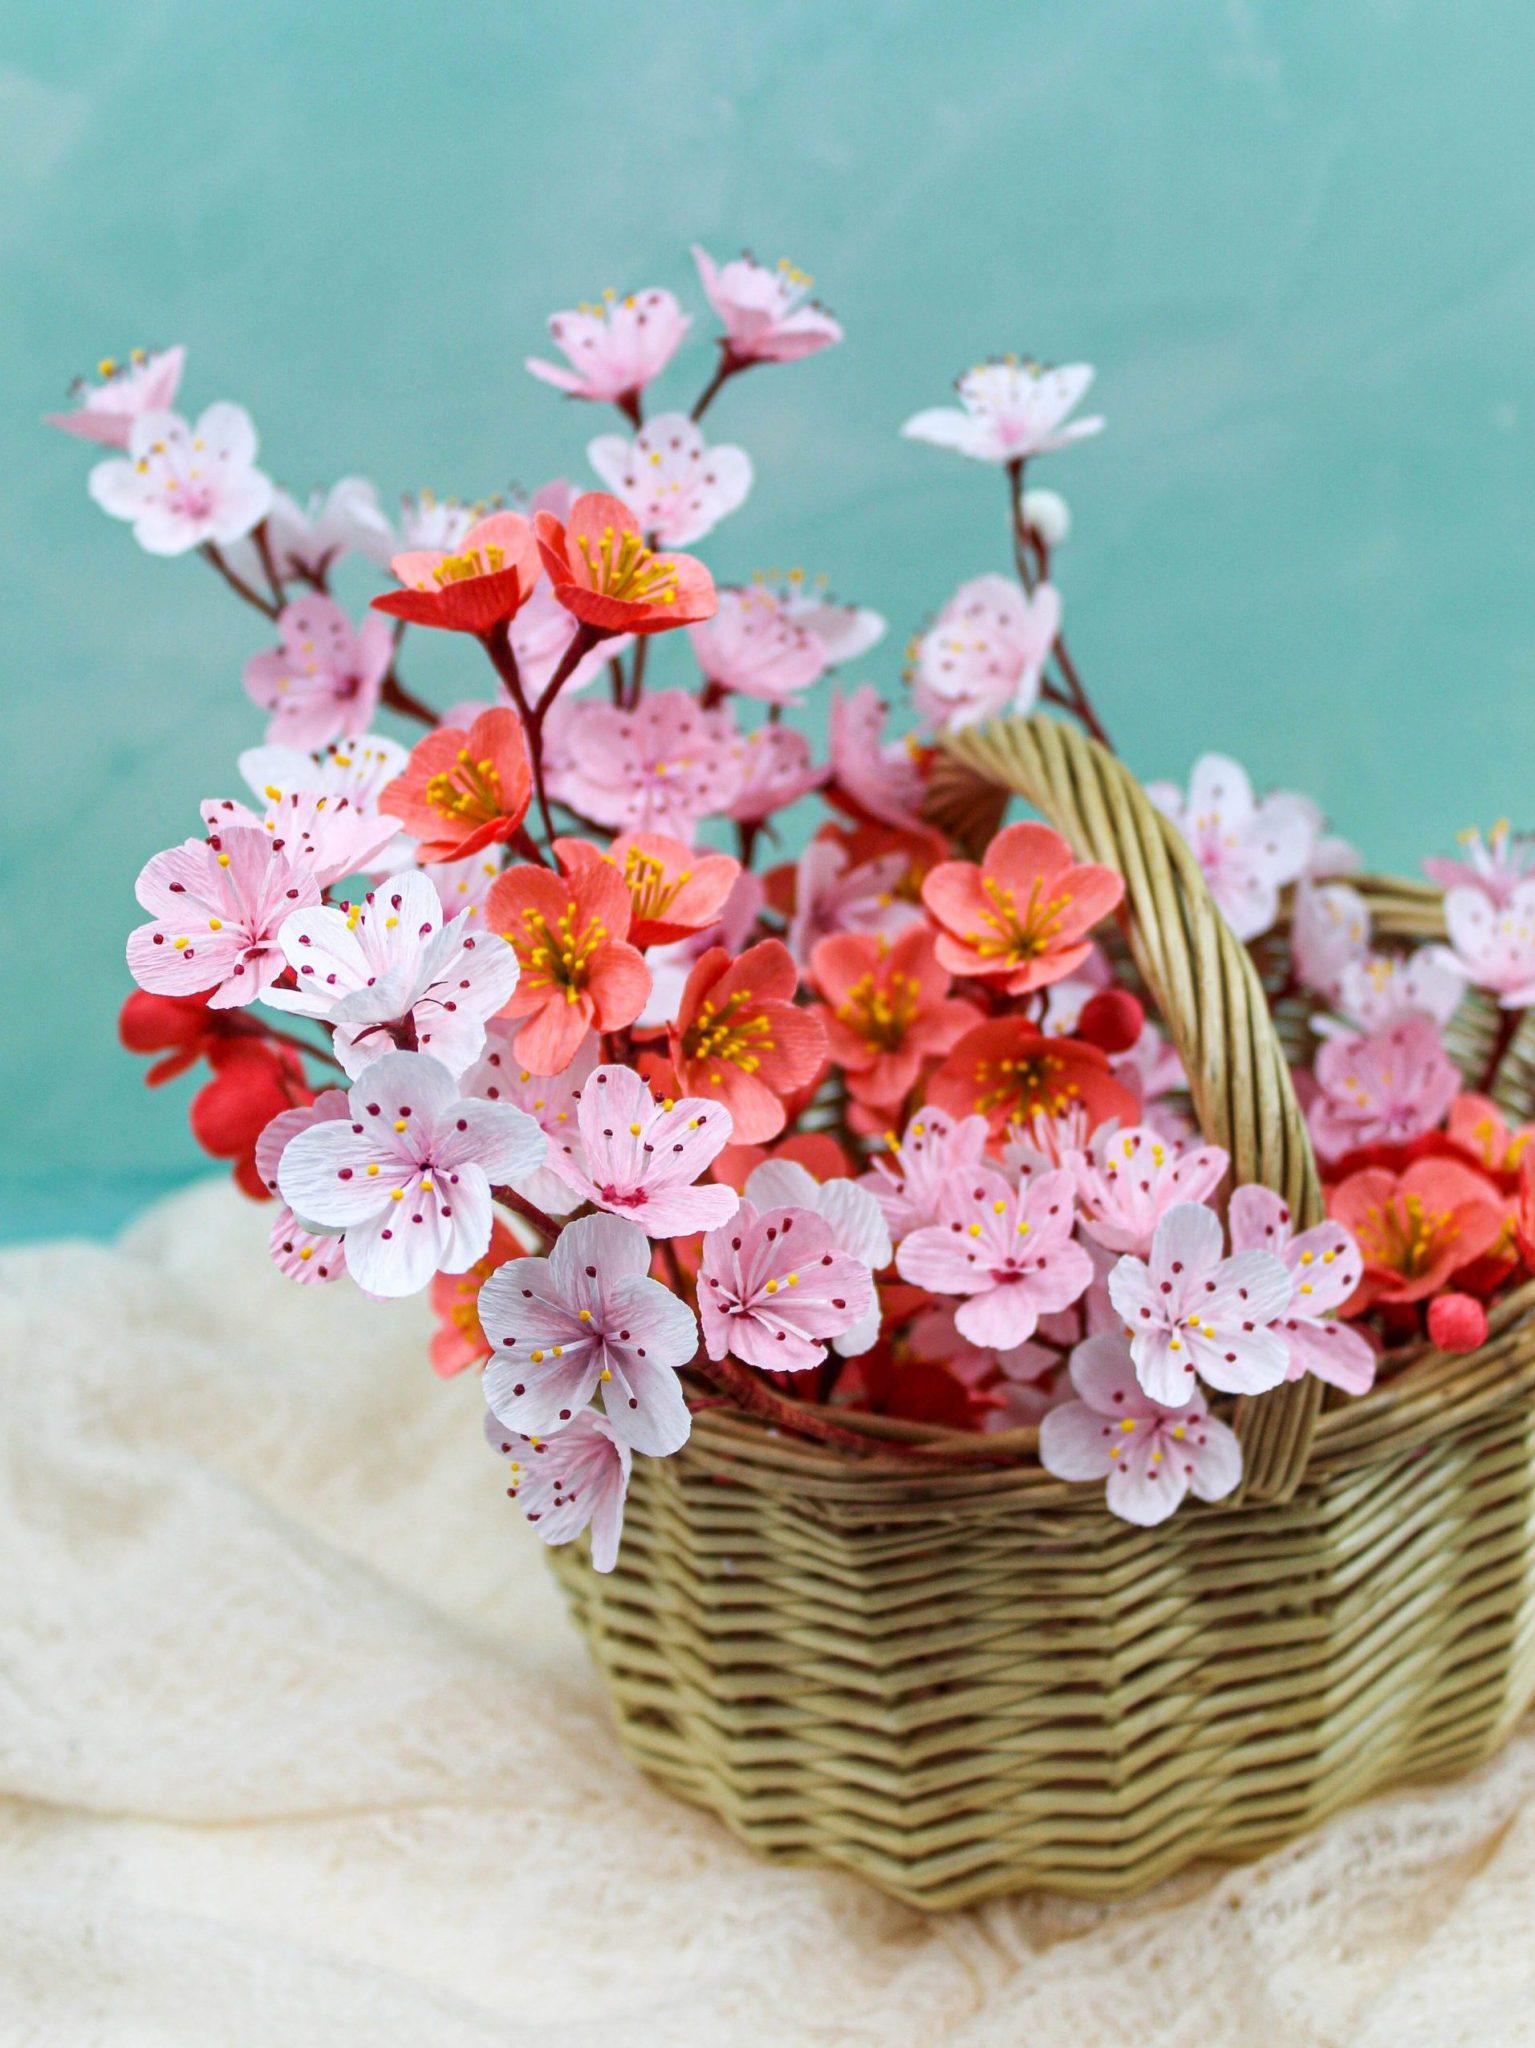 flores de cerezo de papel crepé, flores para siempre, diseño floral en papel